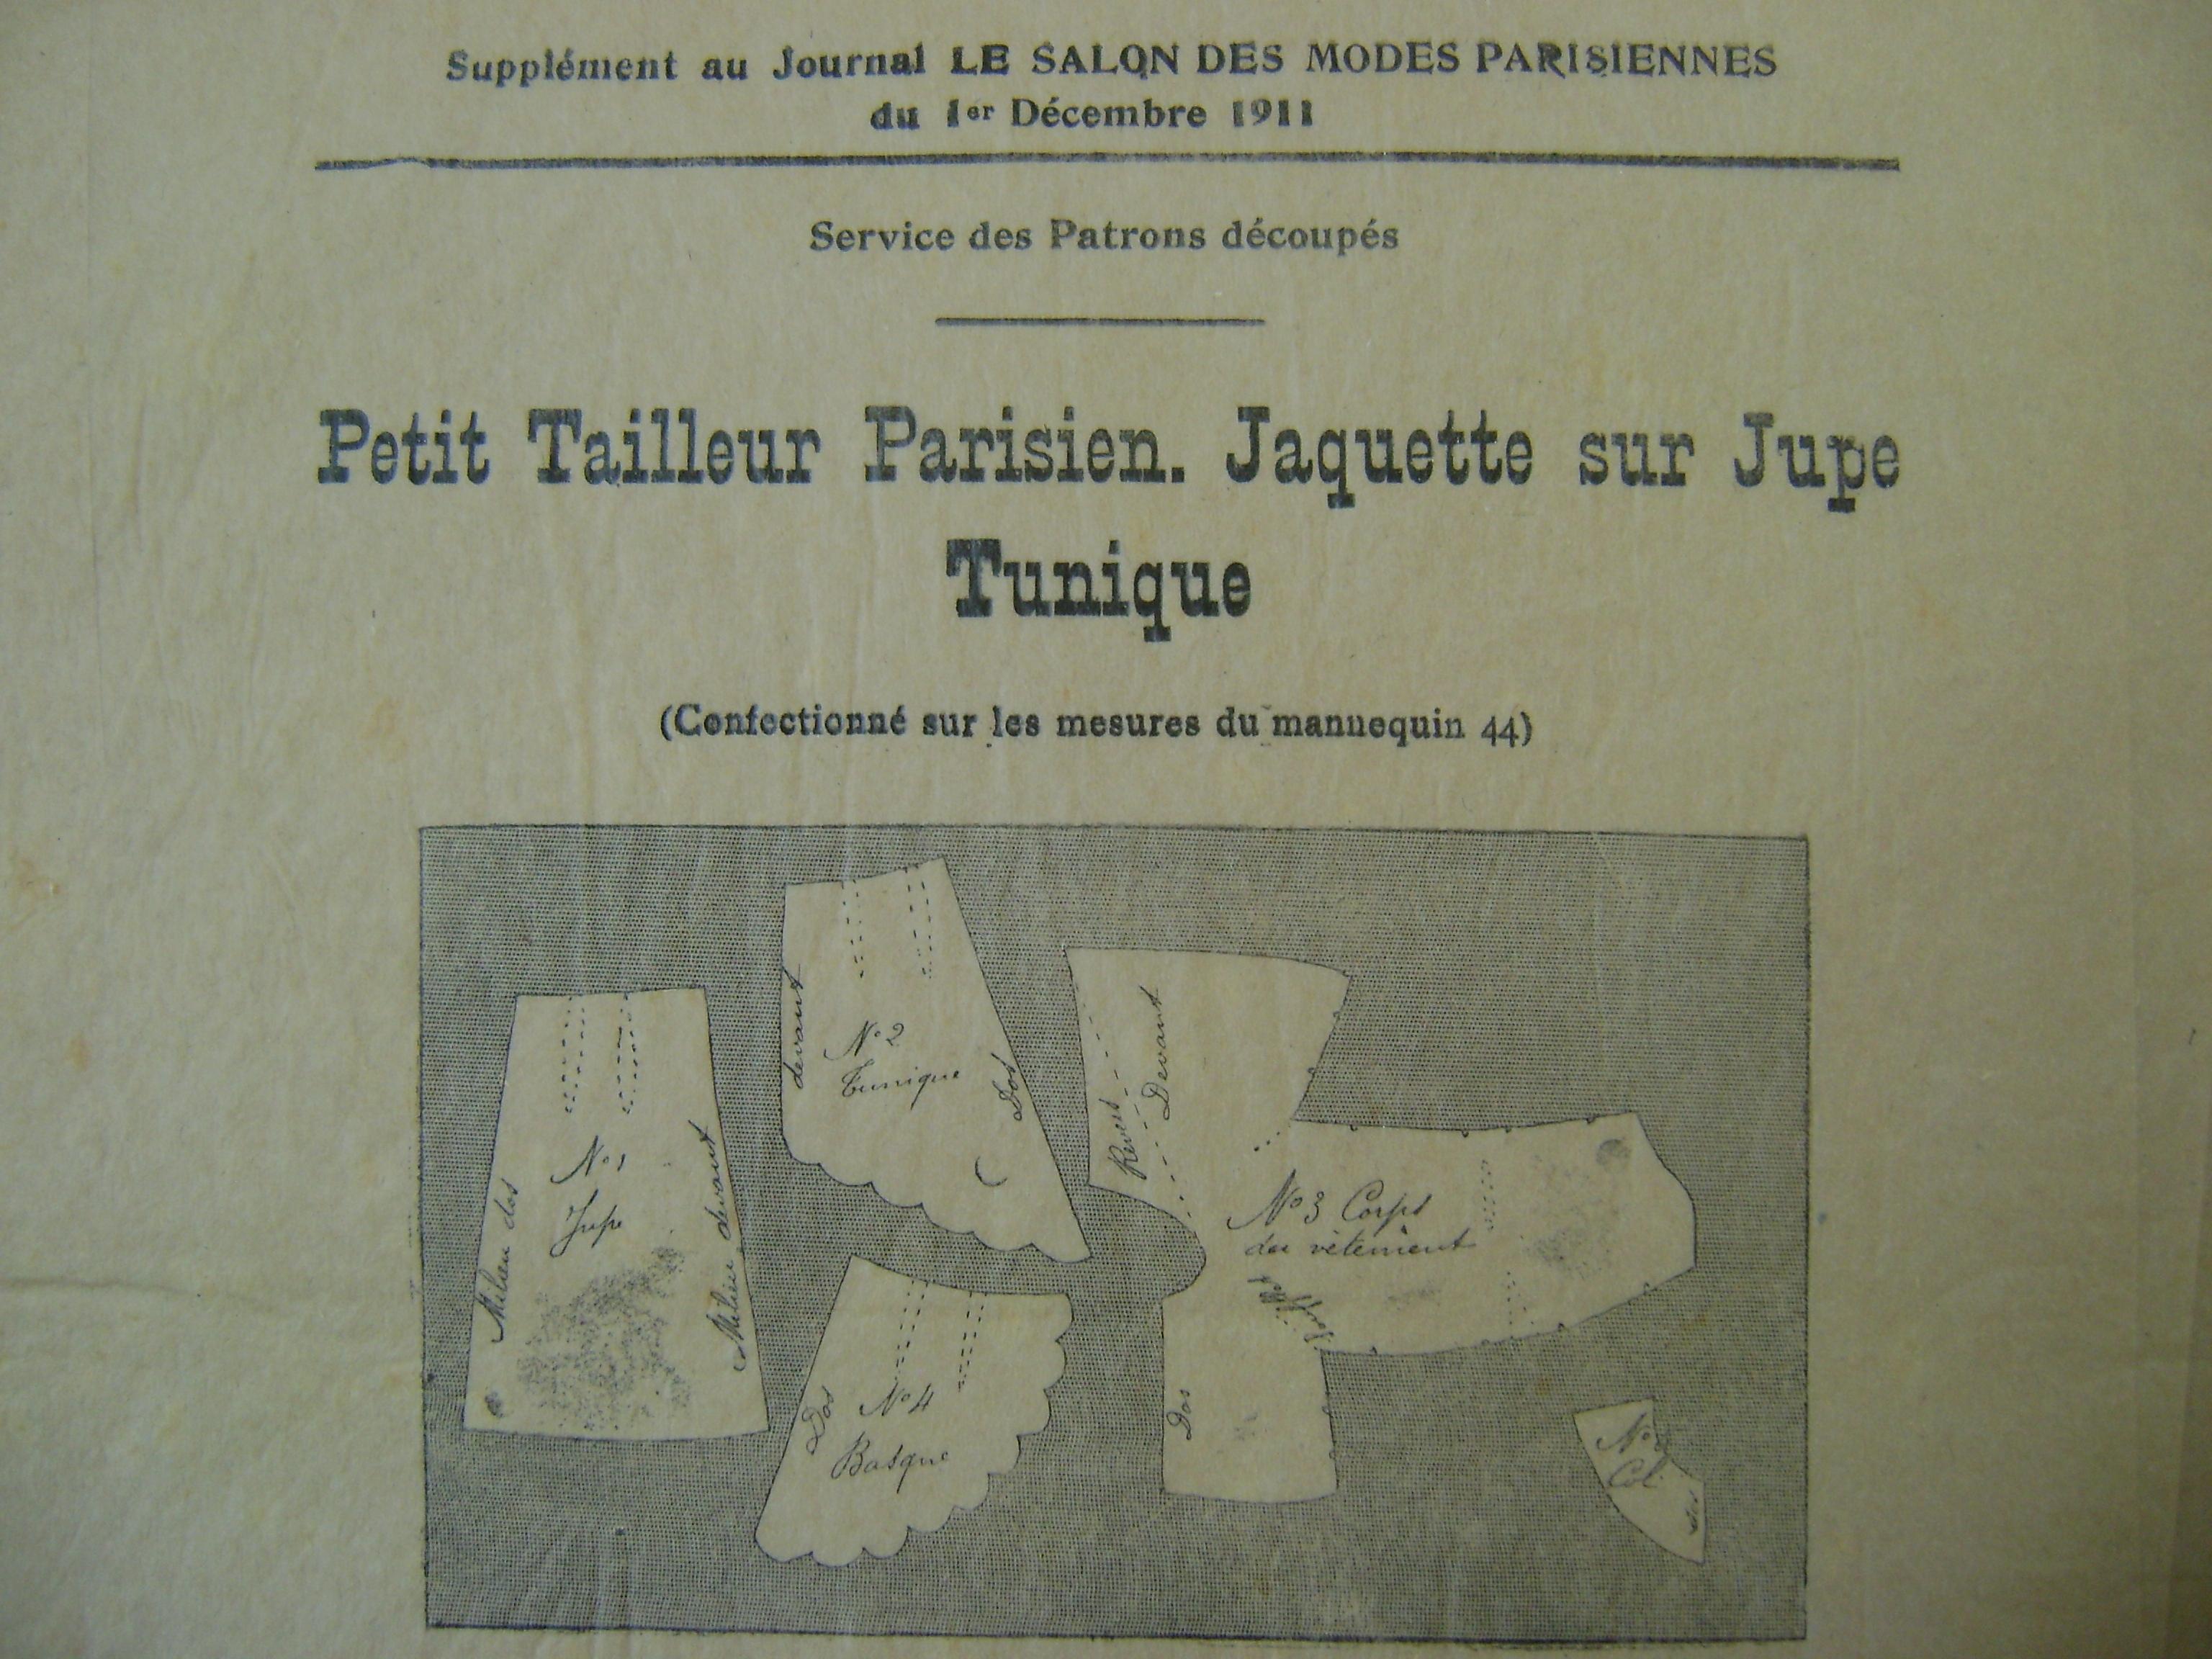 Le Salon des Modes Parisiennes December 1911